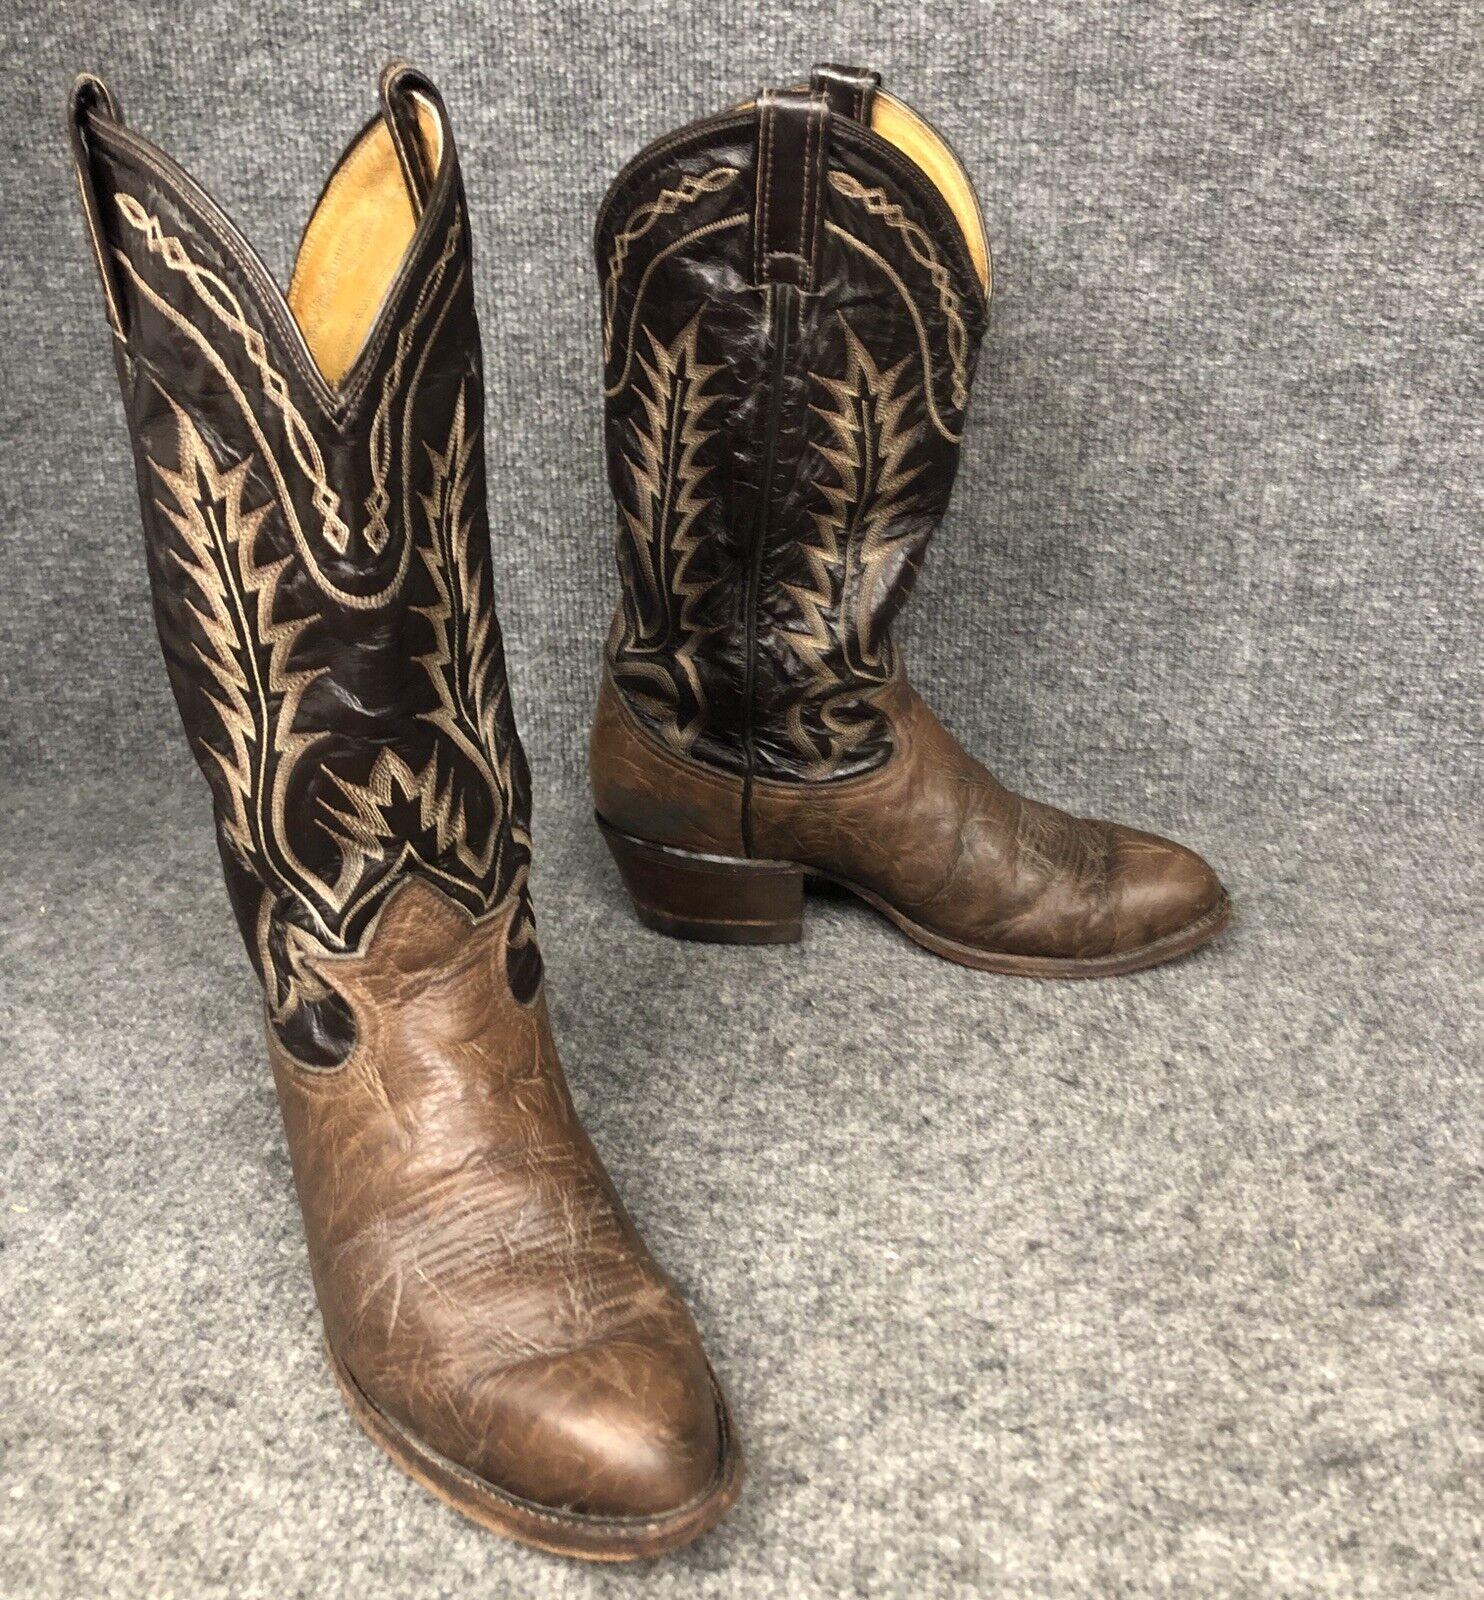 fino al 60% di sconto Tony Lama Bullhide Leather Western Cowboy stivali Uomo 7 7 7 EE Style 6703  rivenditori online